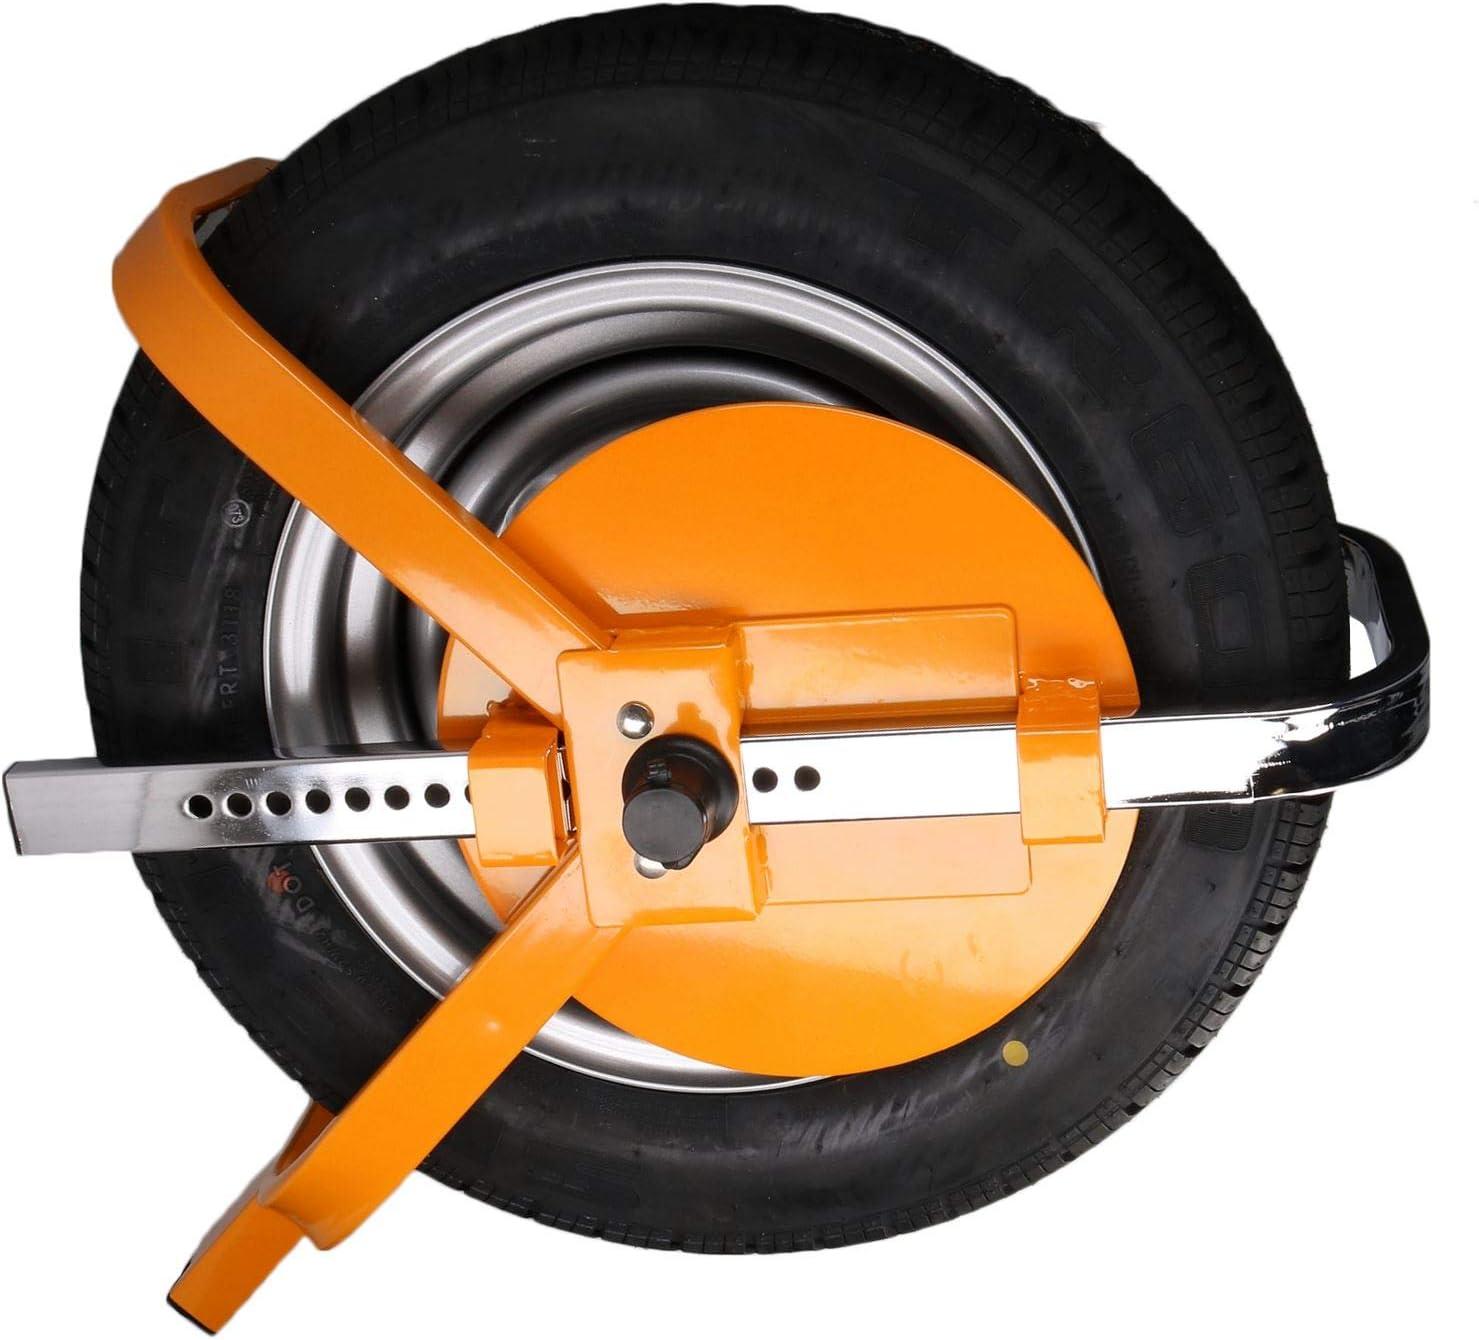 Wheel Clamp Trailer Caravan Steel Security Lock 8 10 Wheels